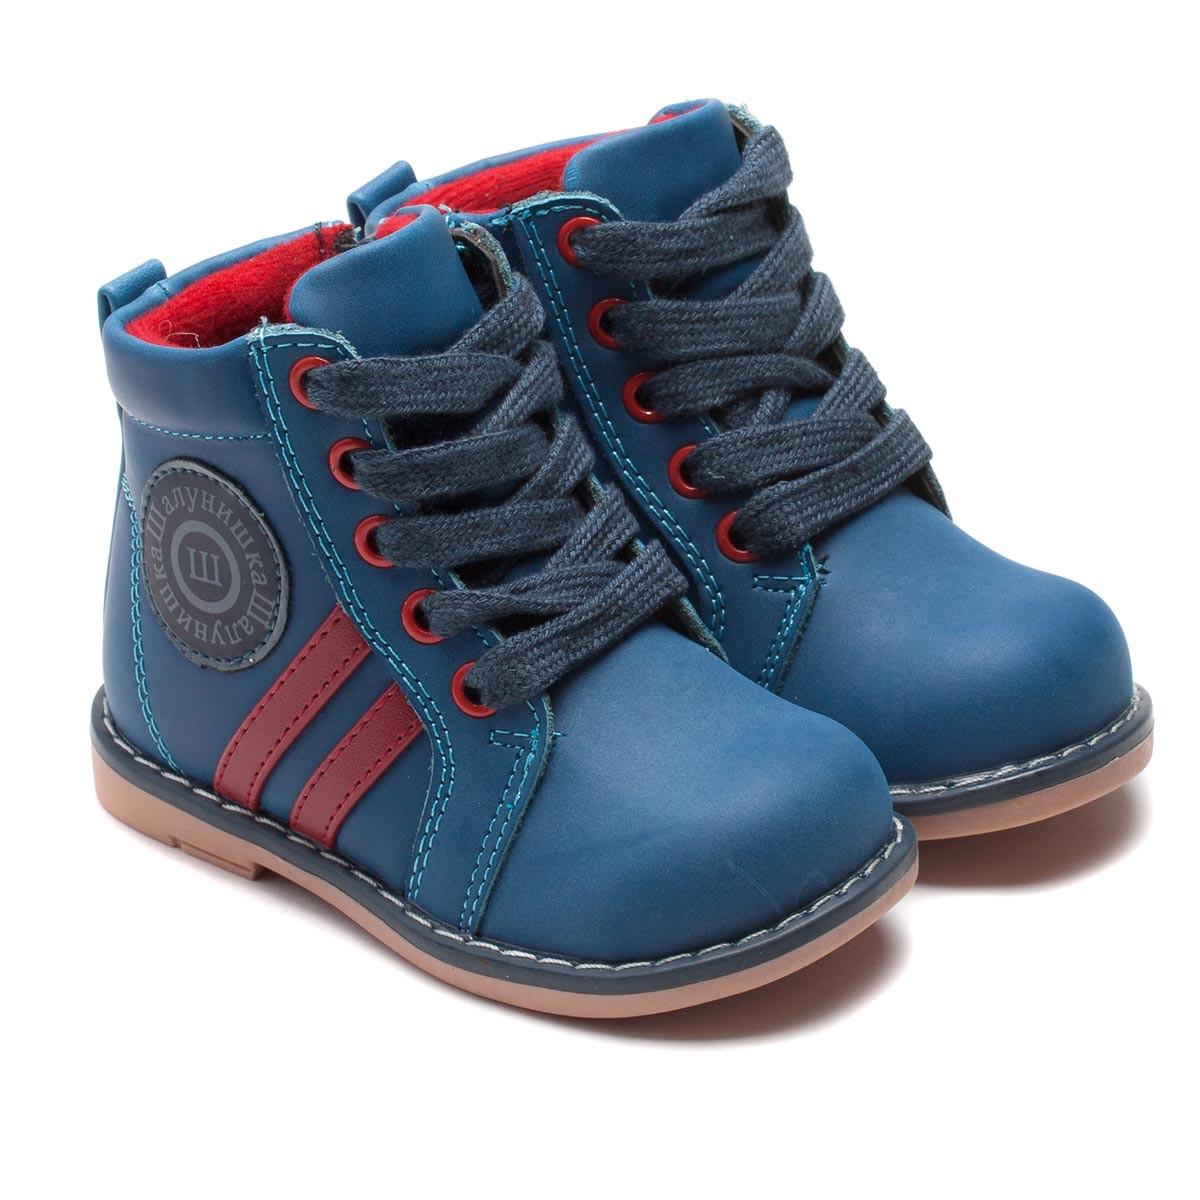 Ортопедические демисезонные ботинки Шалунишка для мальчика, размер 20-25